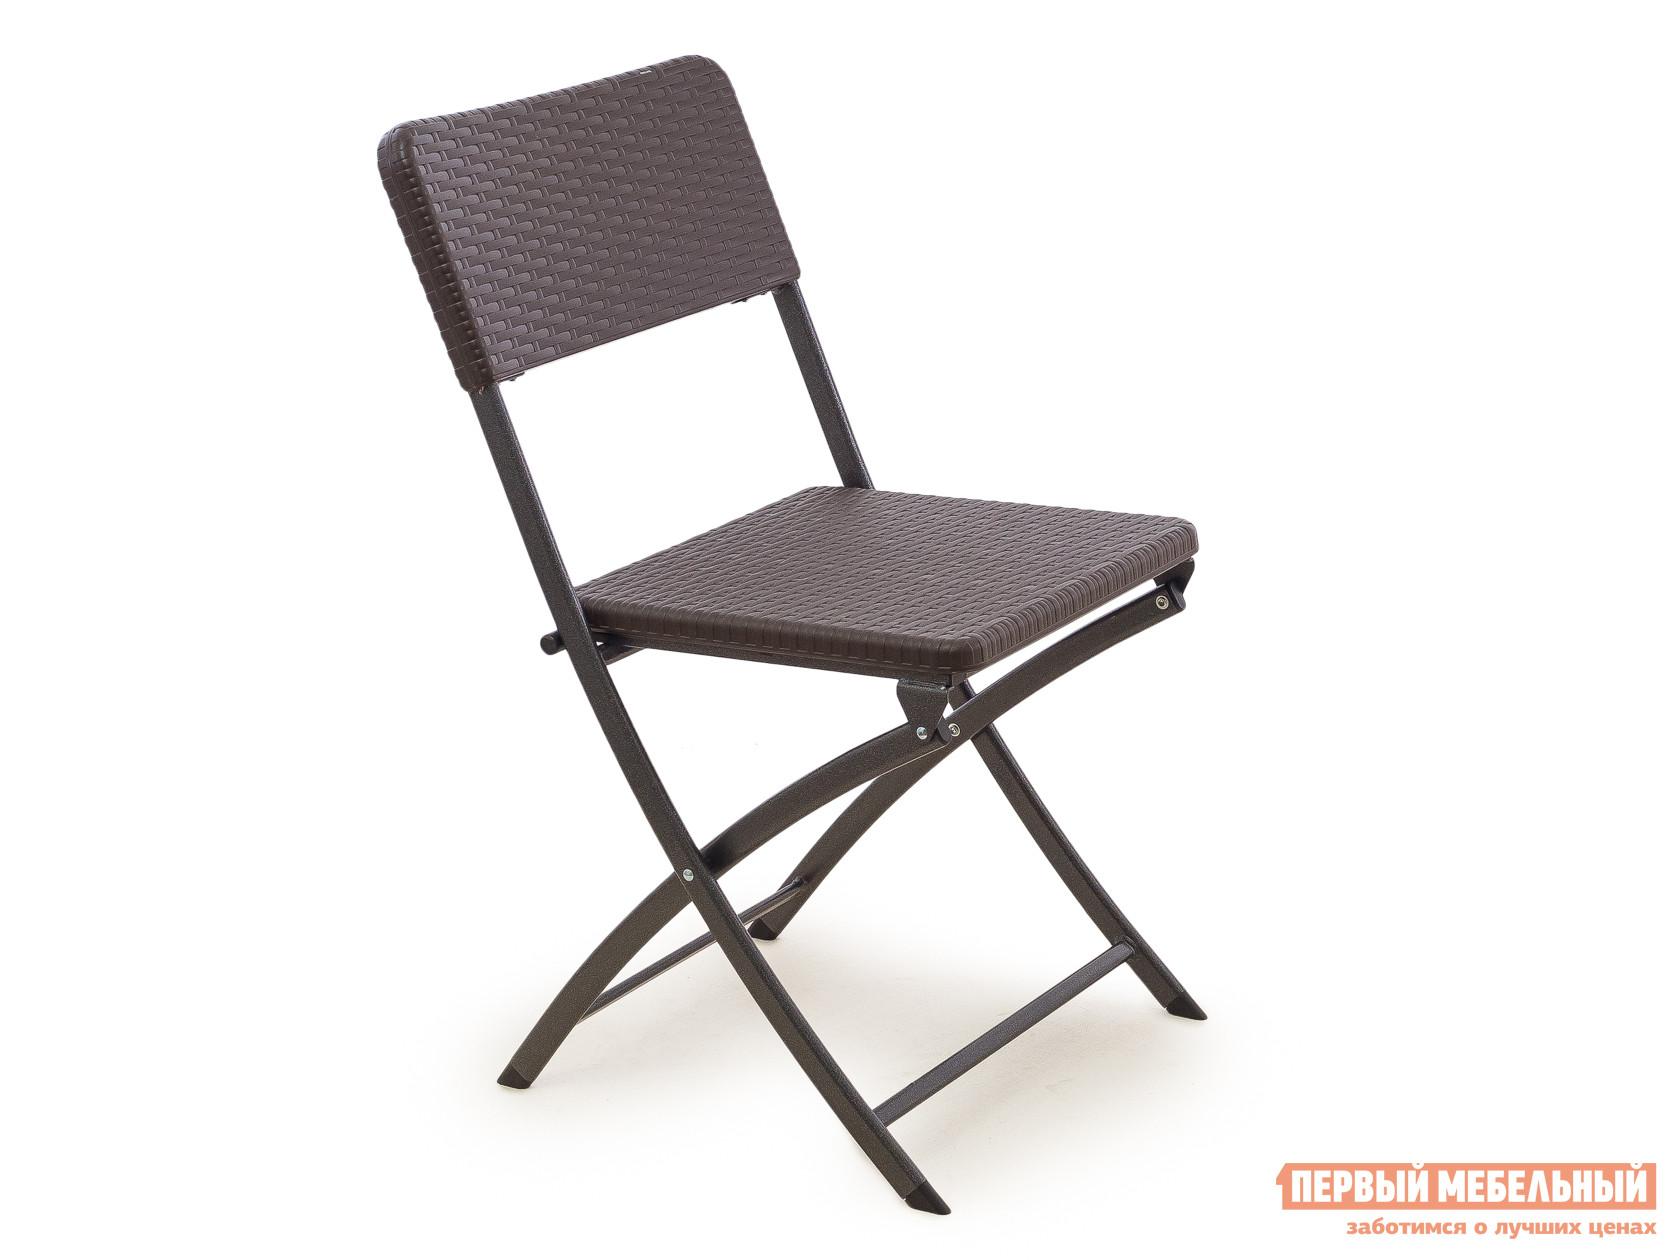 Пластиковый стул Green Glade C041 Коричневый